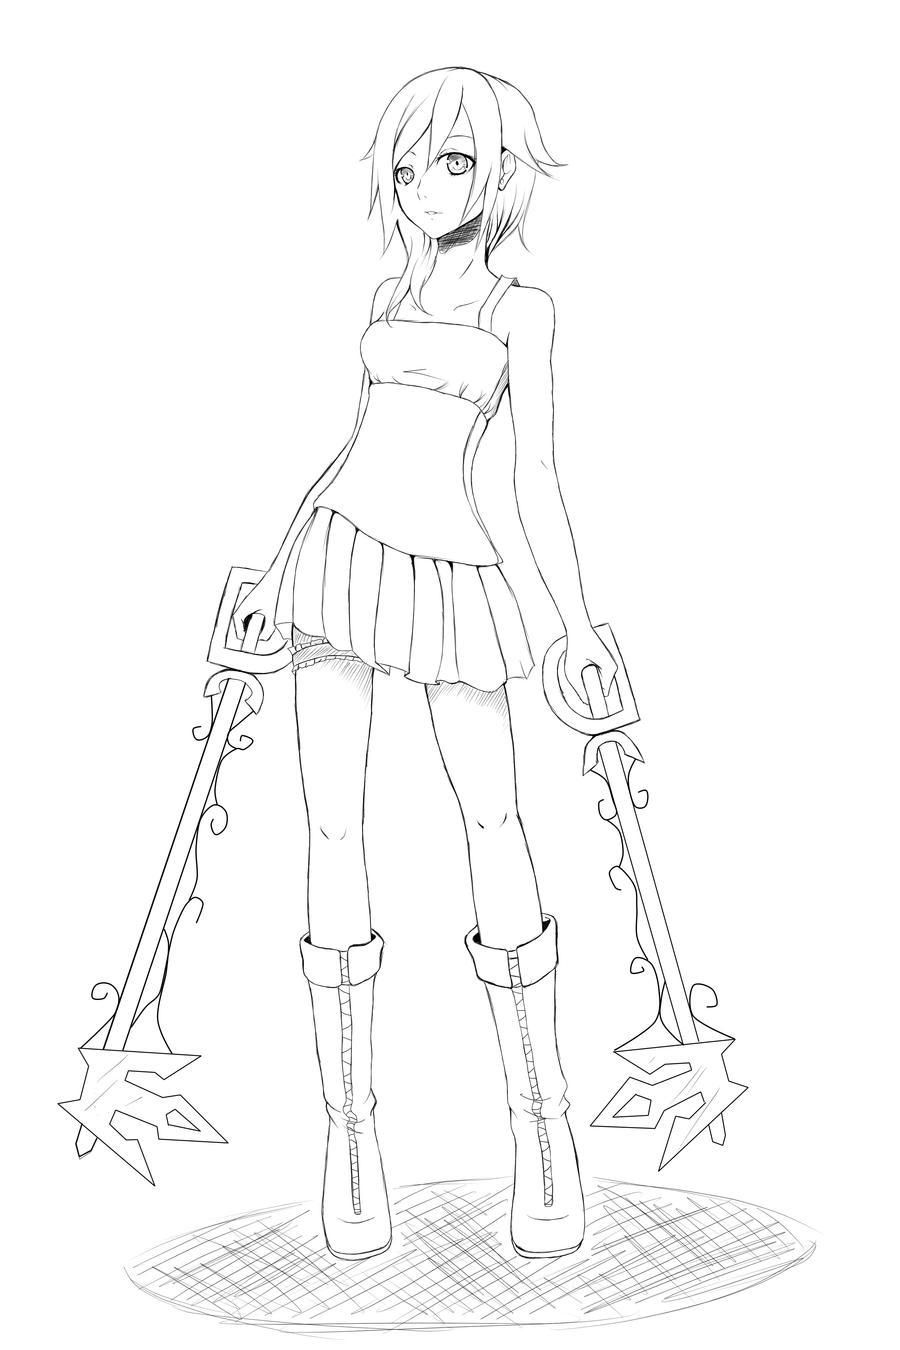 Namine by AzureBladeXIII on DeviantArt